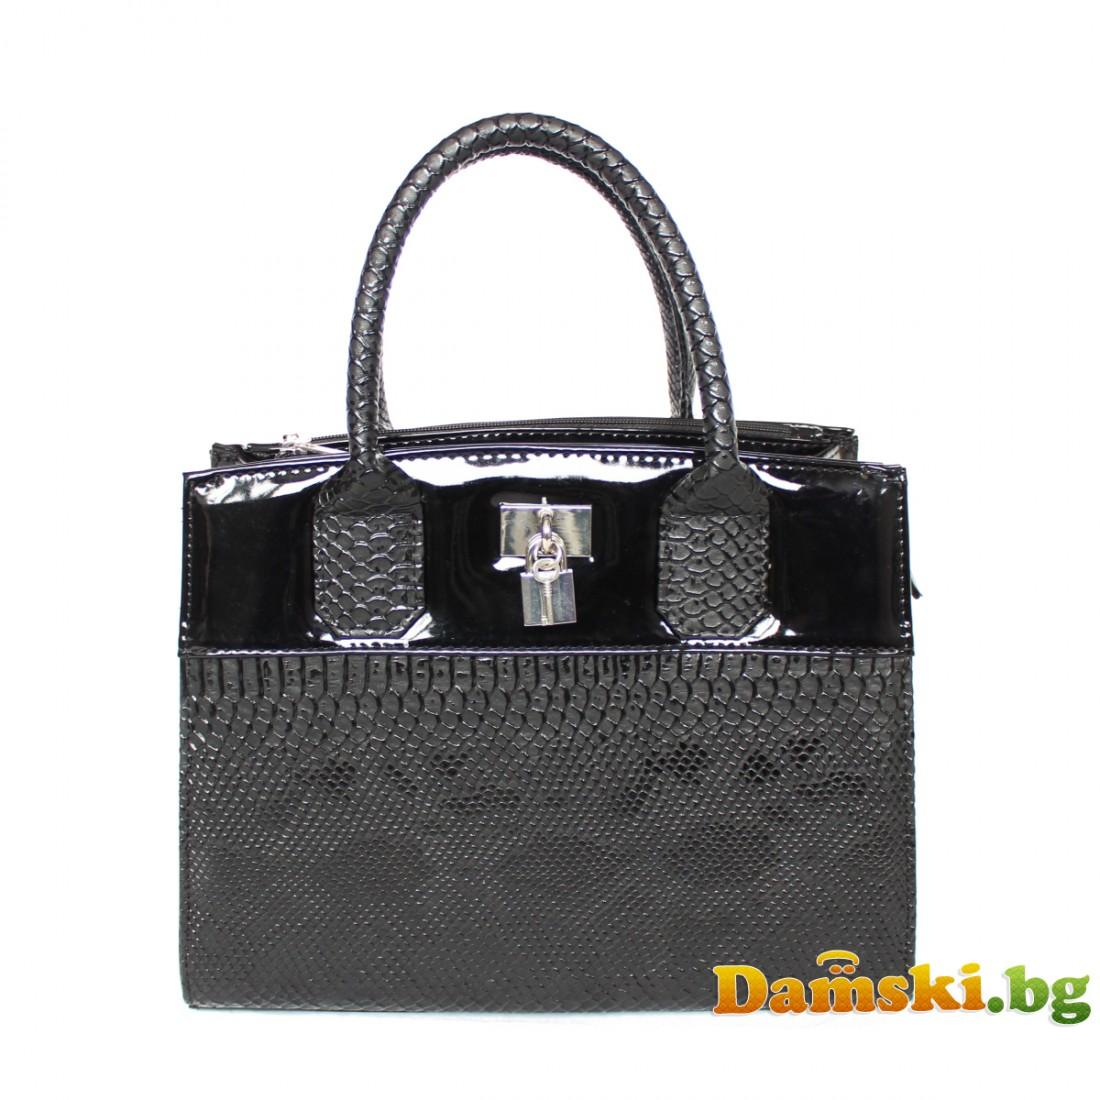 Стилна дамска чанта - Дара